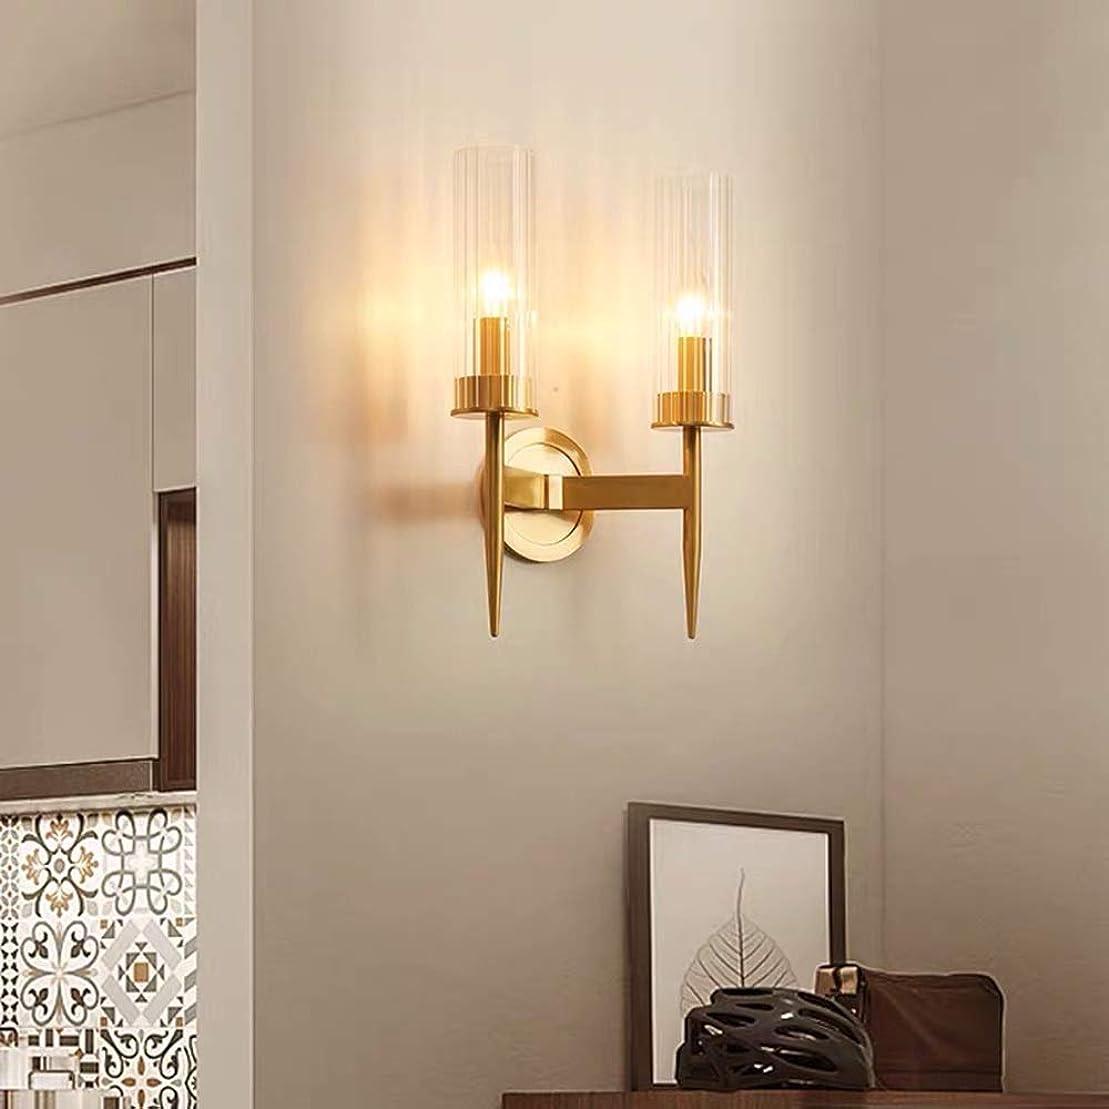 ハウジング王室科学Rjj シンプルな背景の寝室のベッドサイドランプを生きているすべての銅シングルヘッド銅は廊下灯23 * 12 * 40CMウォール通路 あたたかい